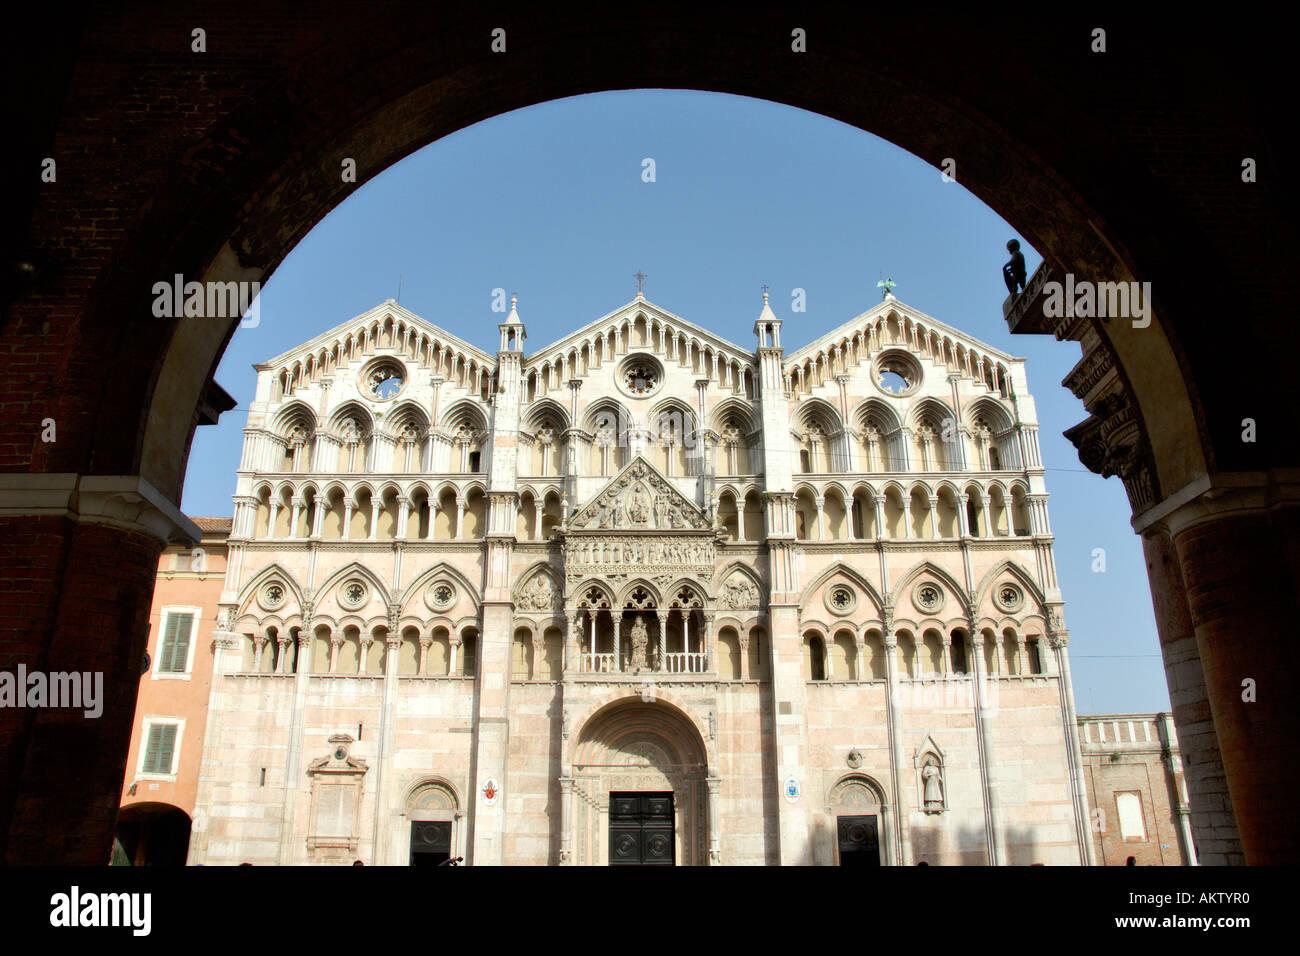 Ferrara Italy Triple facade of the 12th C Duomo - Stock Image